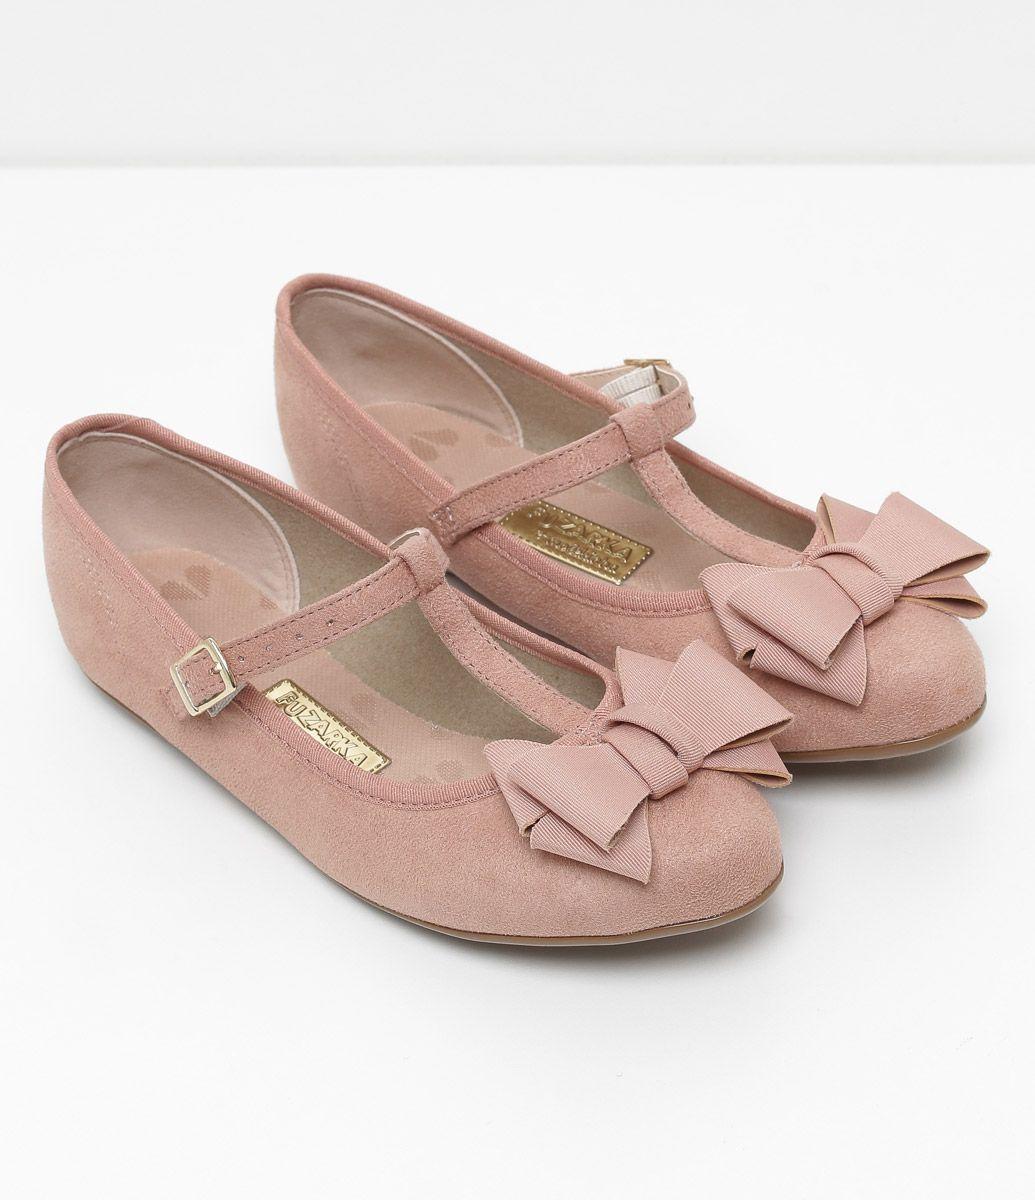 Zapatos morados Veja infantiles uxYH5T4dV1